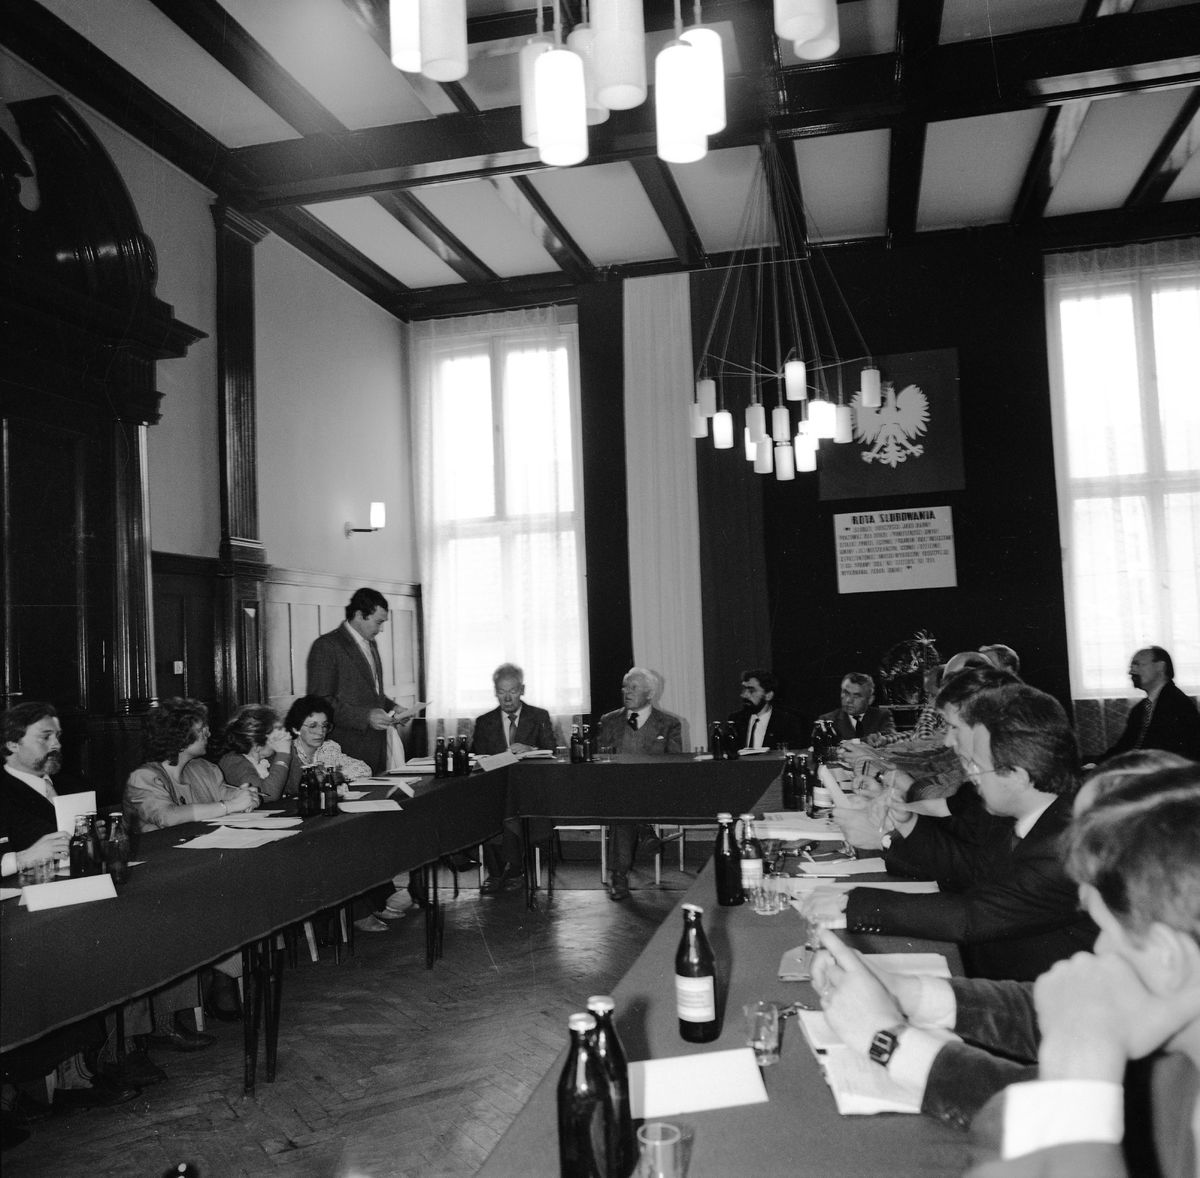 Uroczysta sesja Rady Miejskiej, 1990 r. [4]